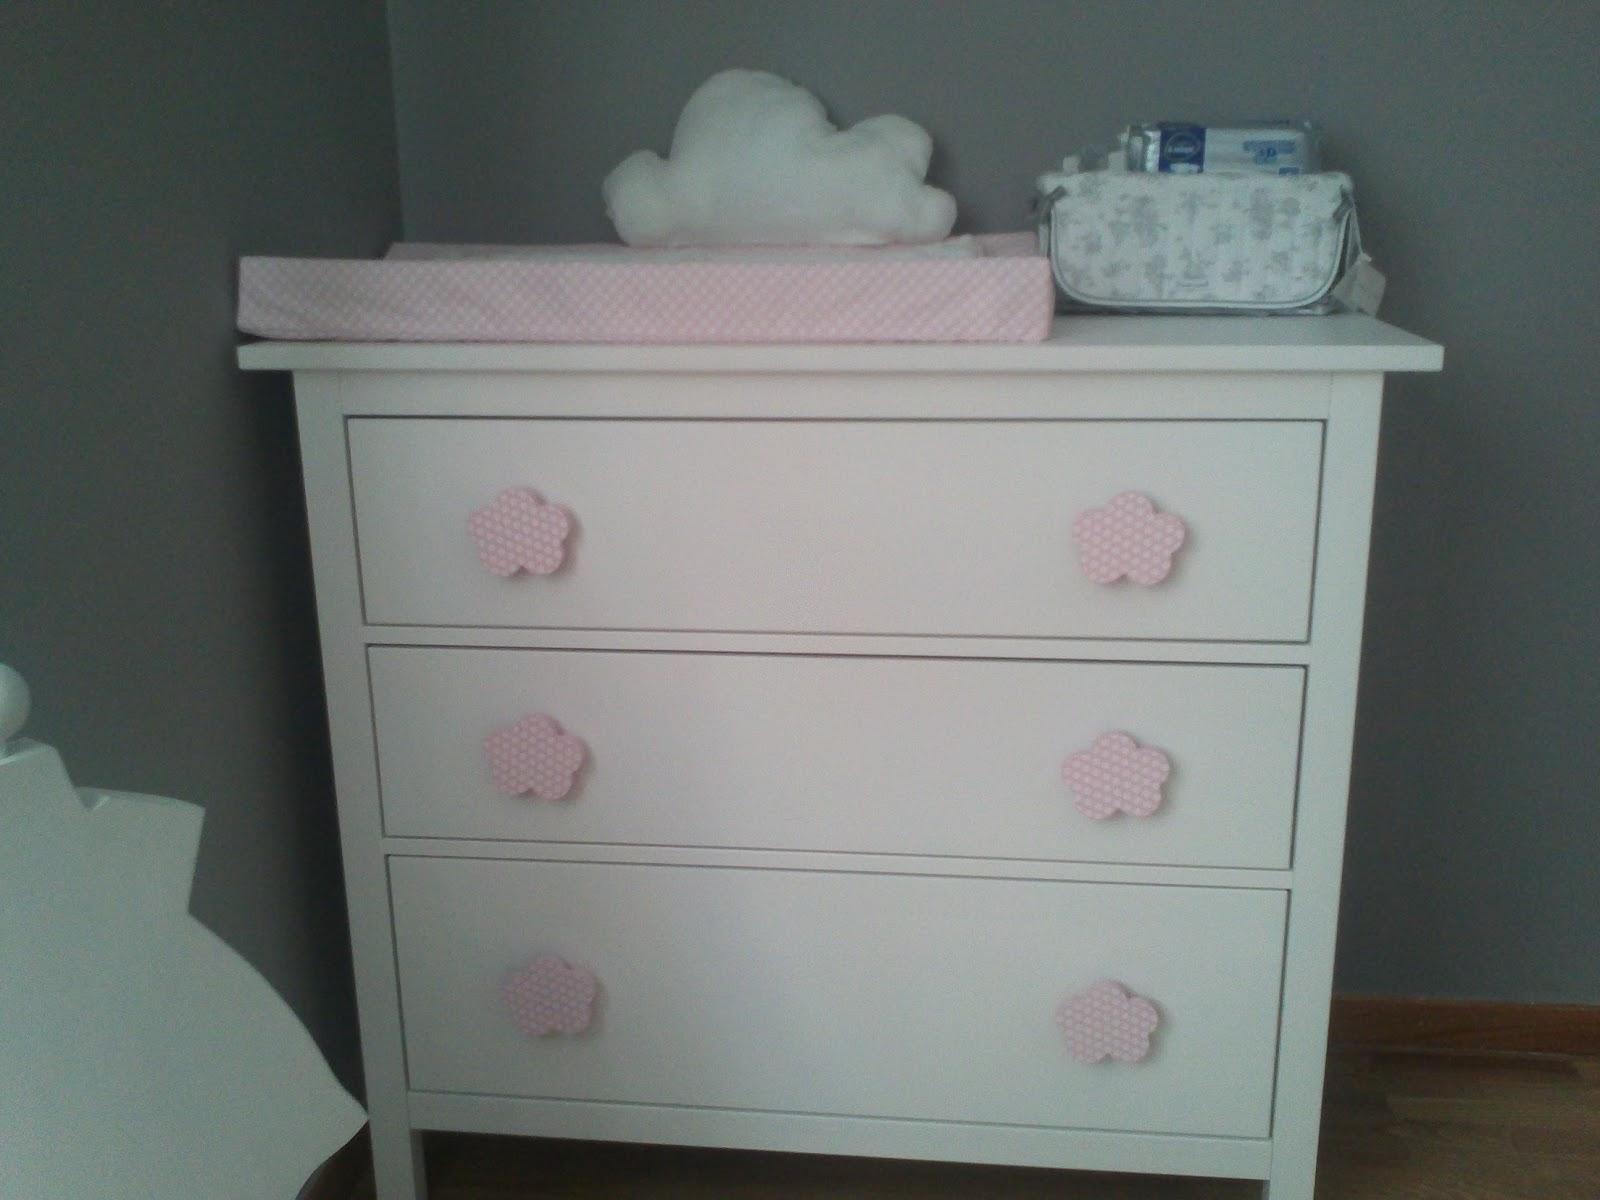 Mam aprendiz ideias de decora o para o quarto do beb - Comodas de bebe ikea ...